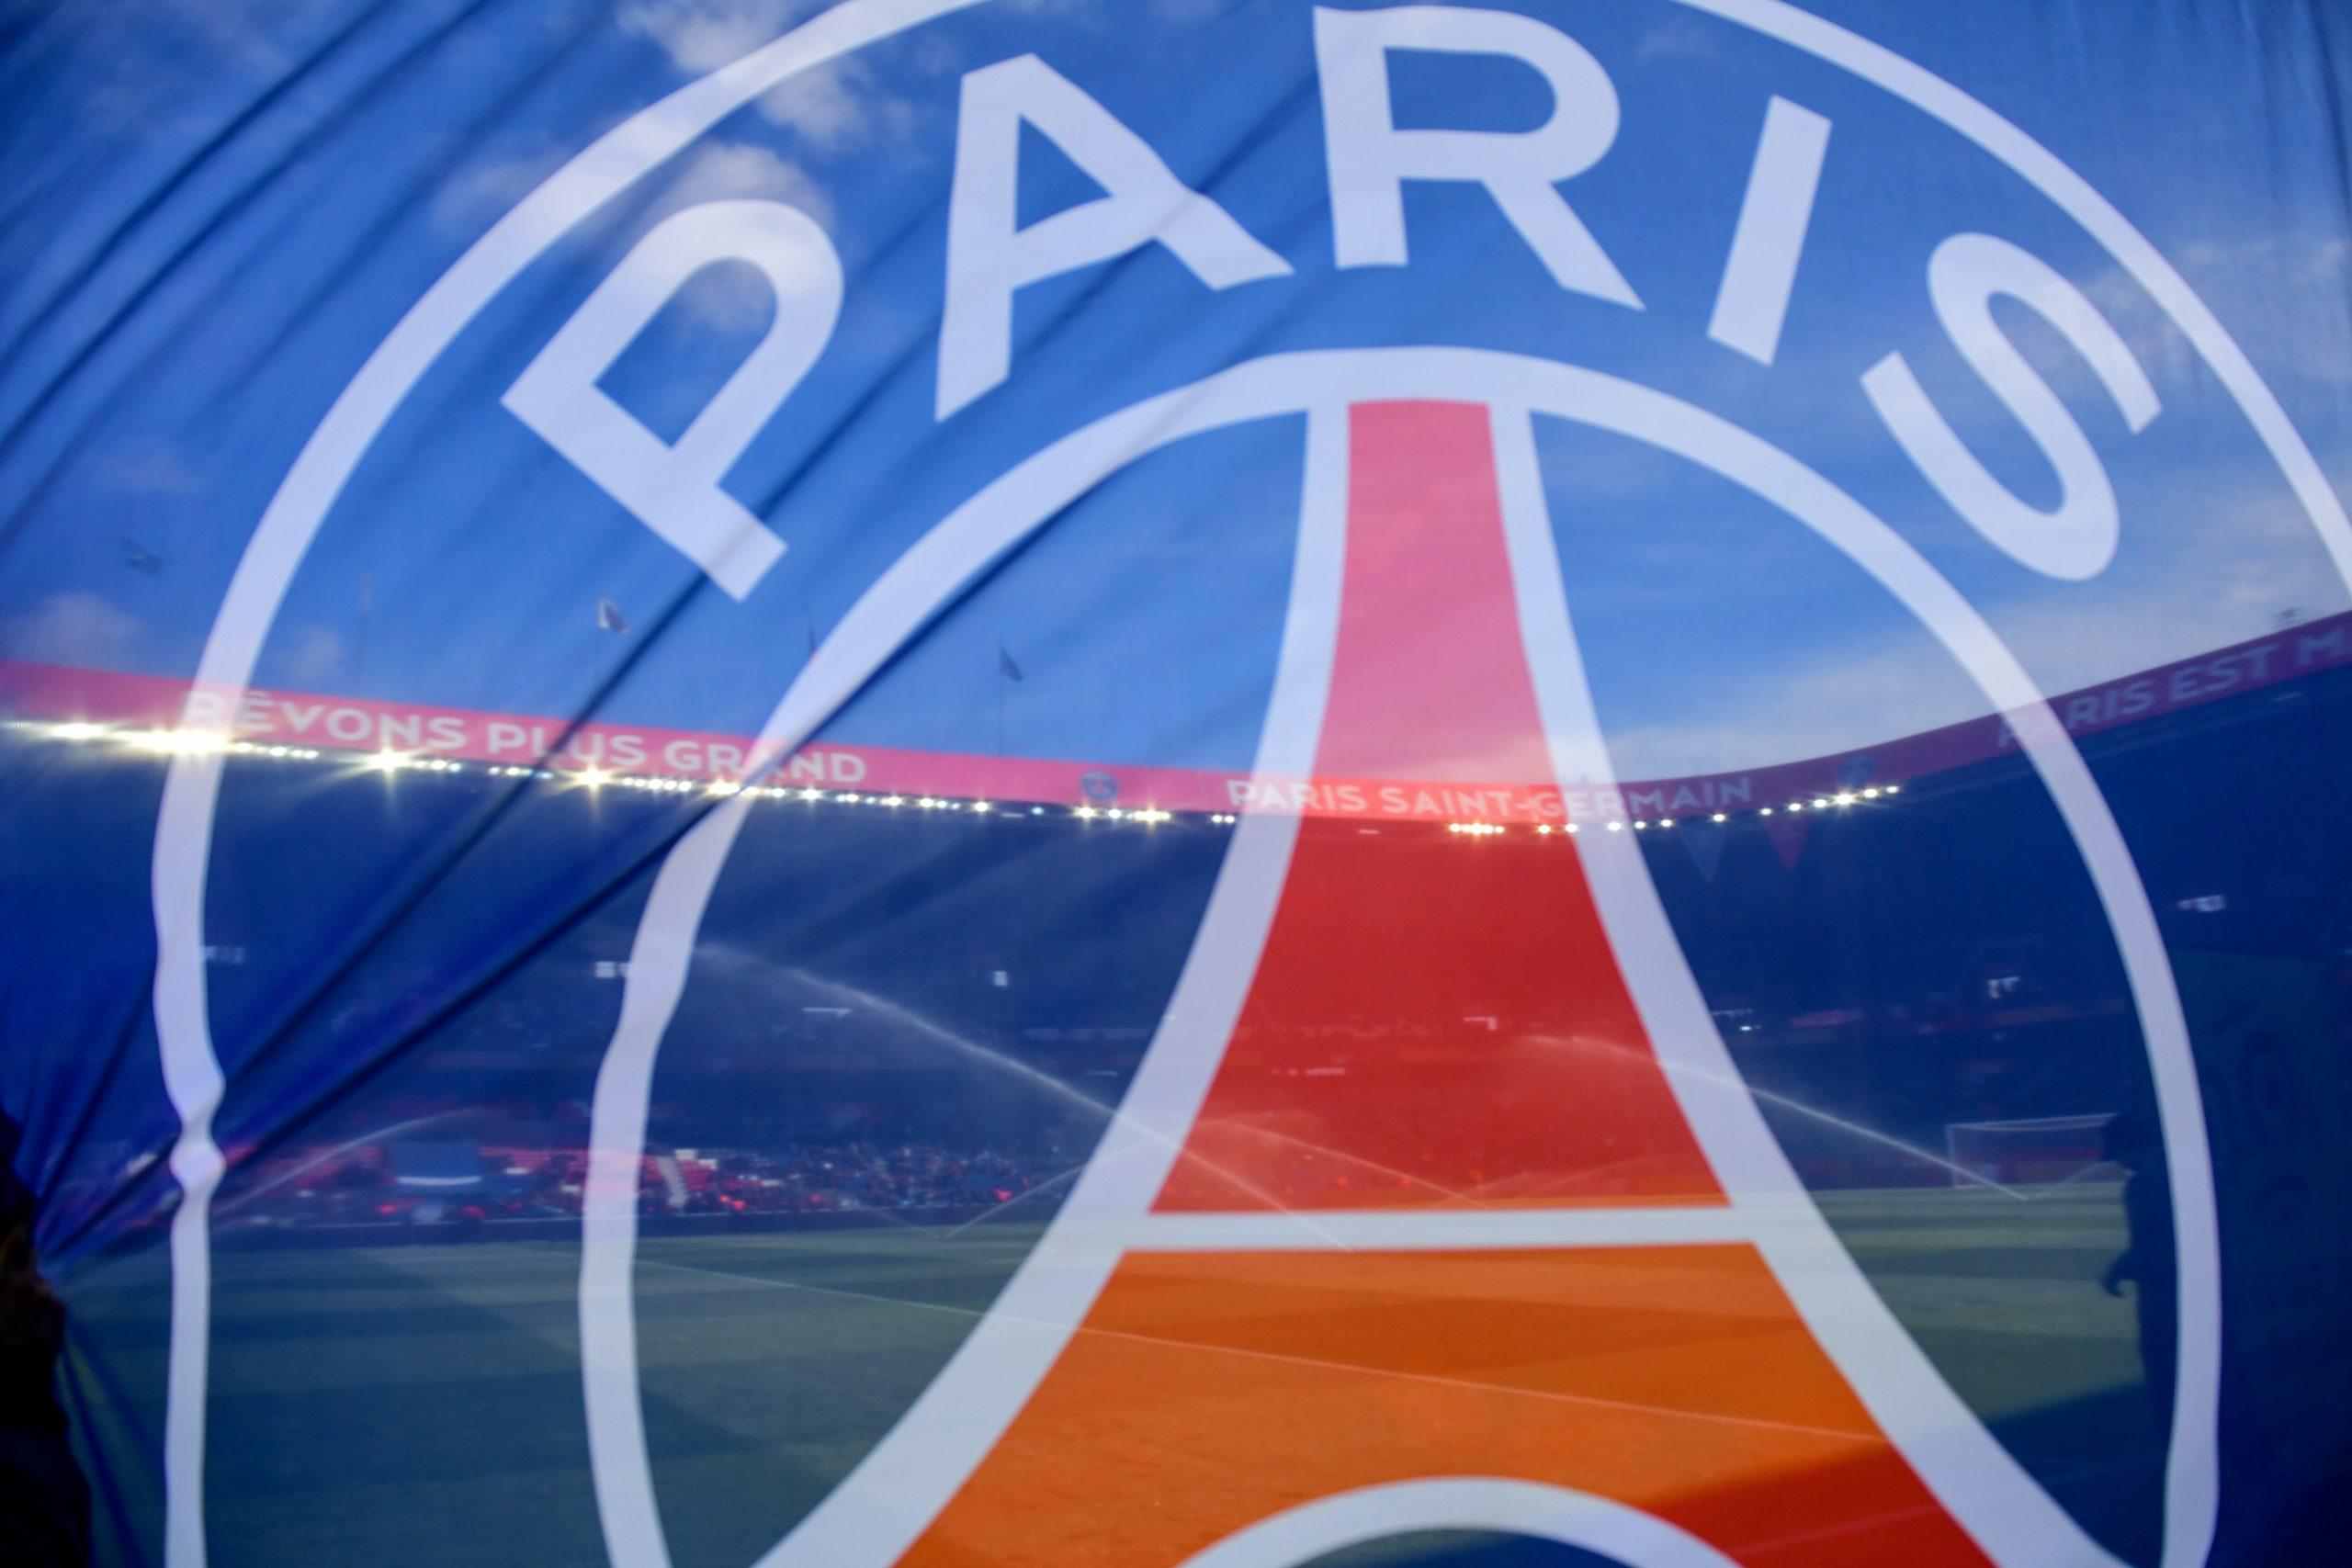 Le PSG en négociation pour un partenariat avec Oracle et quelques prolongations, selon L'Equipe